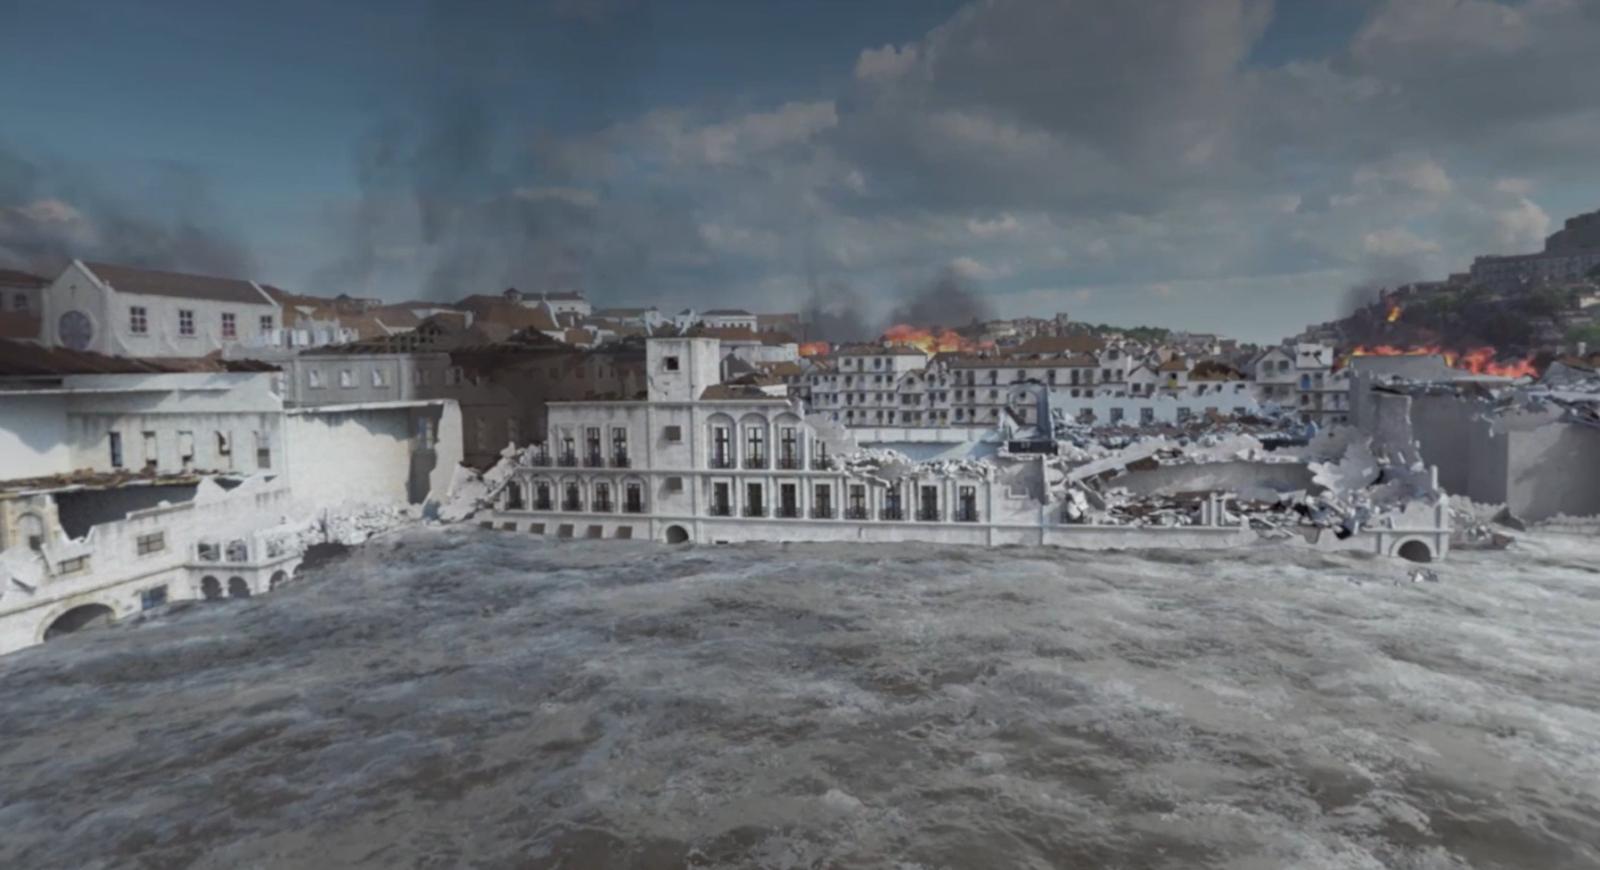 Simulação de terramoto e marmoto em Lisboa de 1755